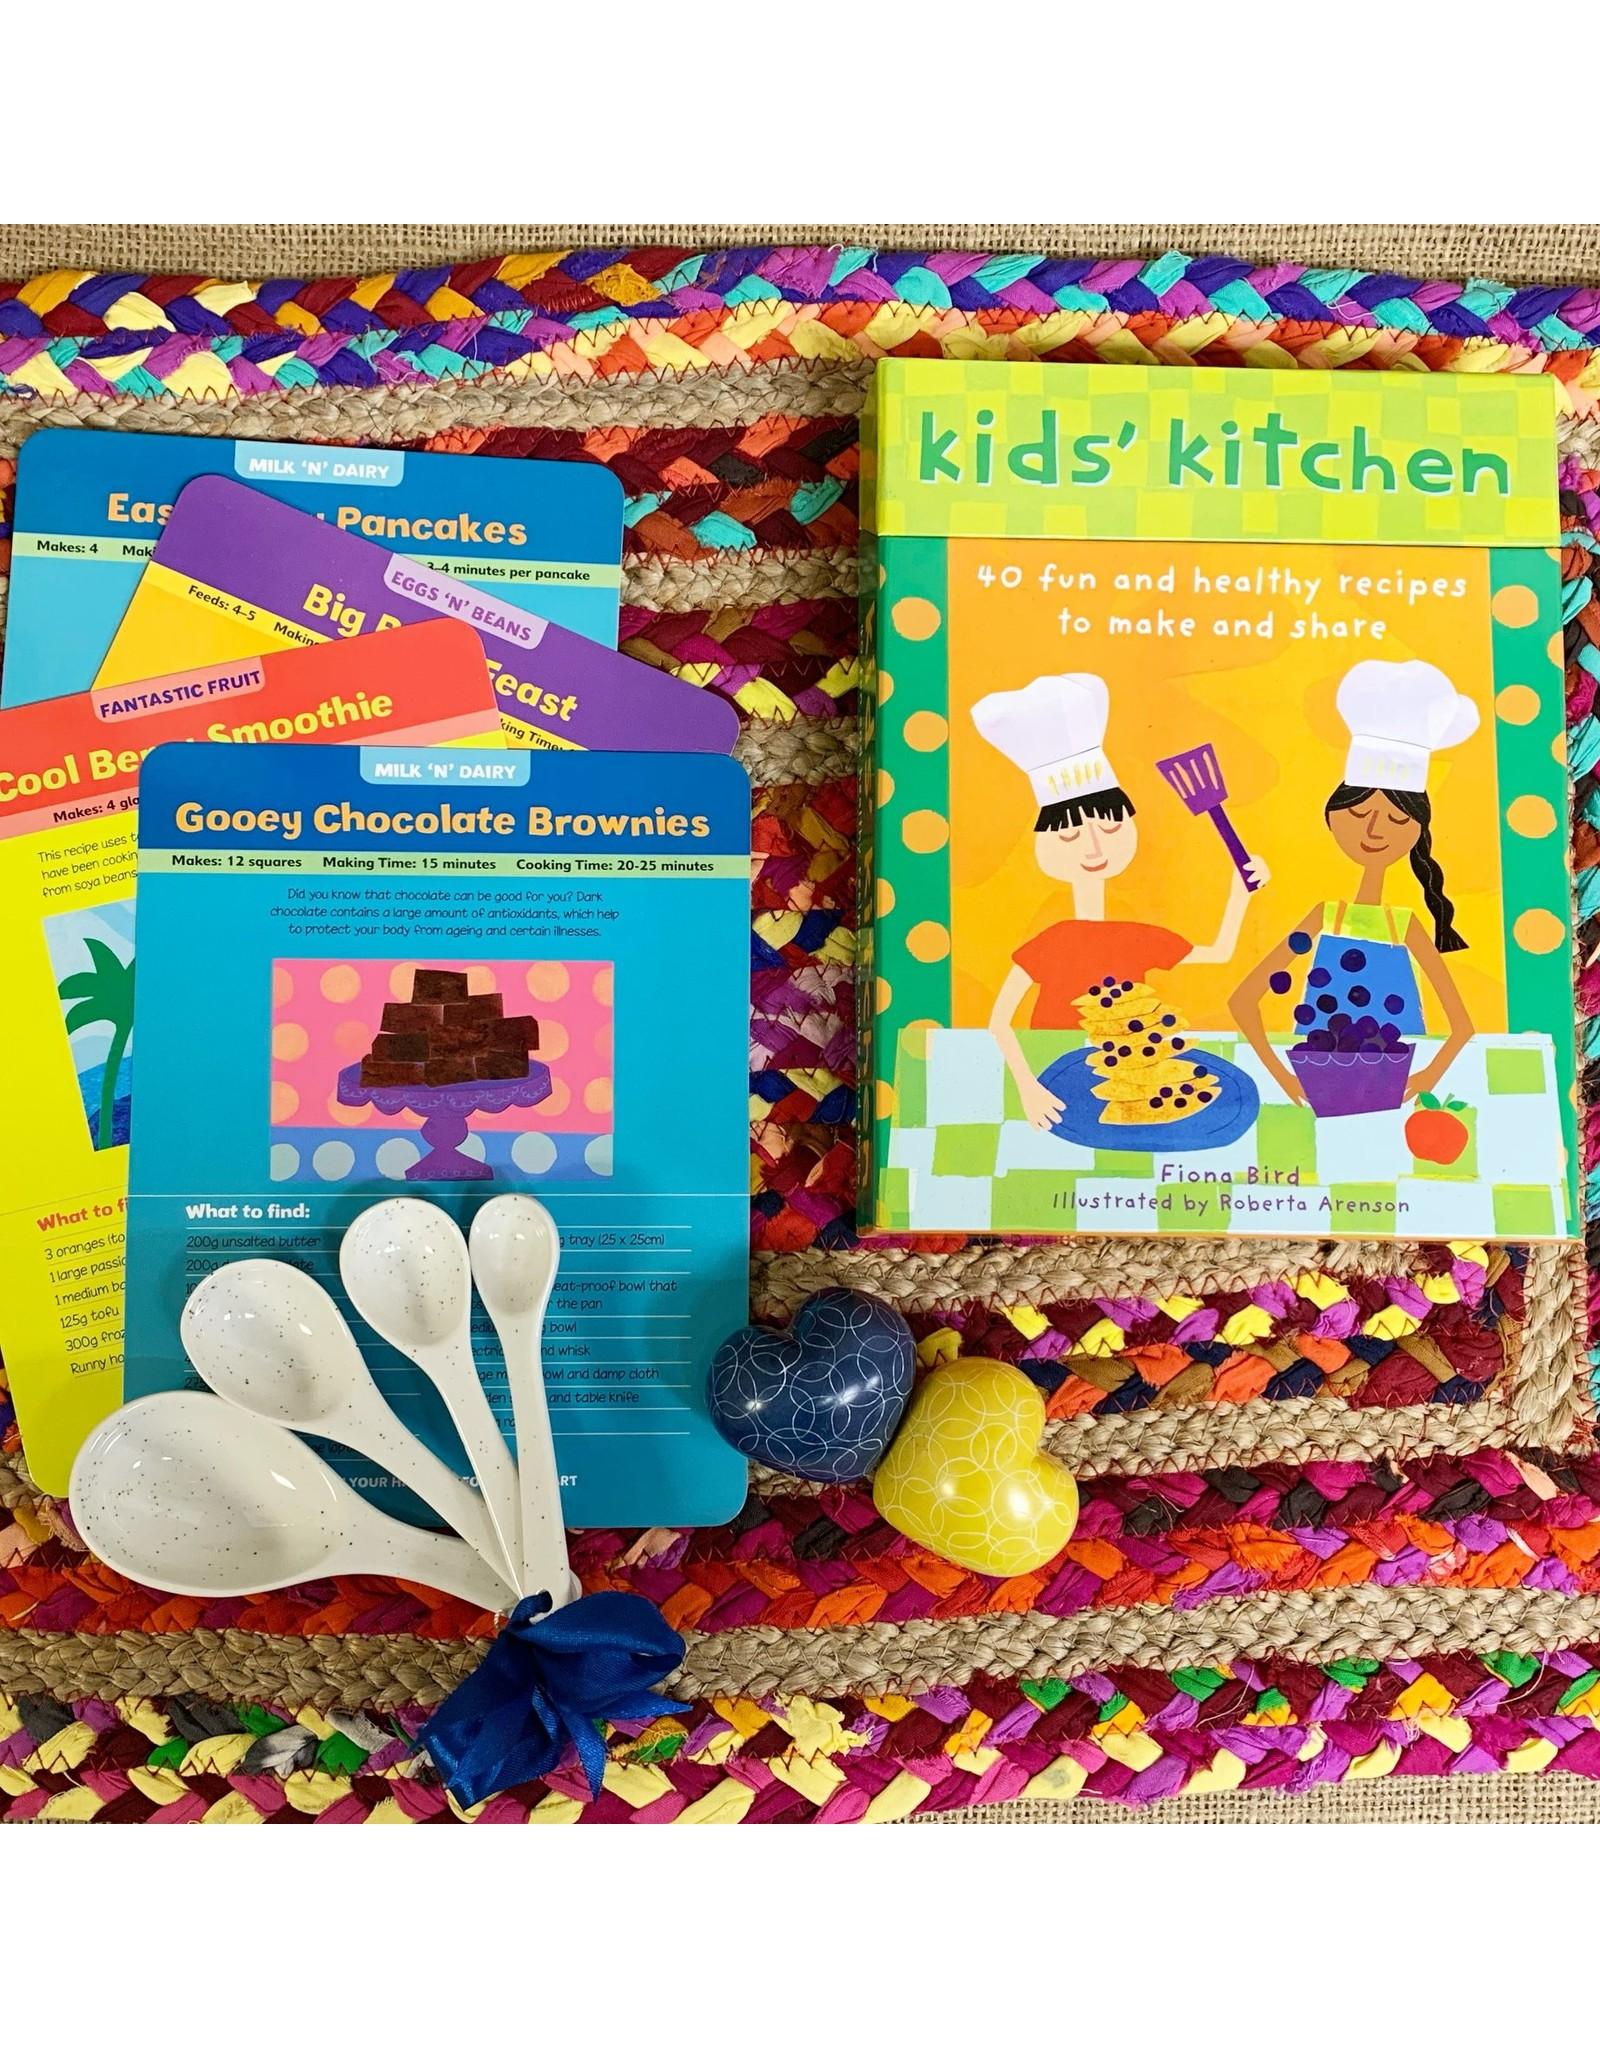 Ten Thousand Villages Kids' Kitchen Cookbook